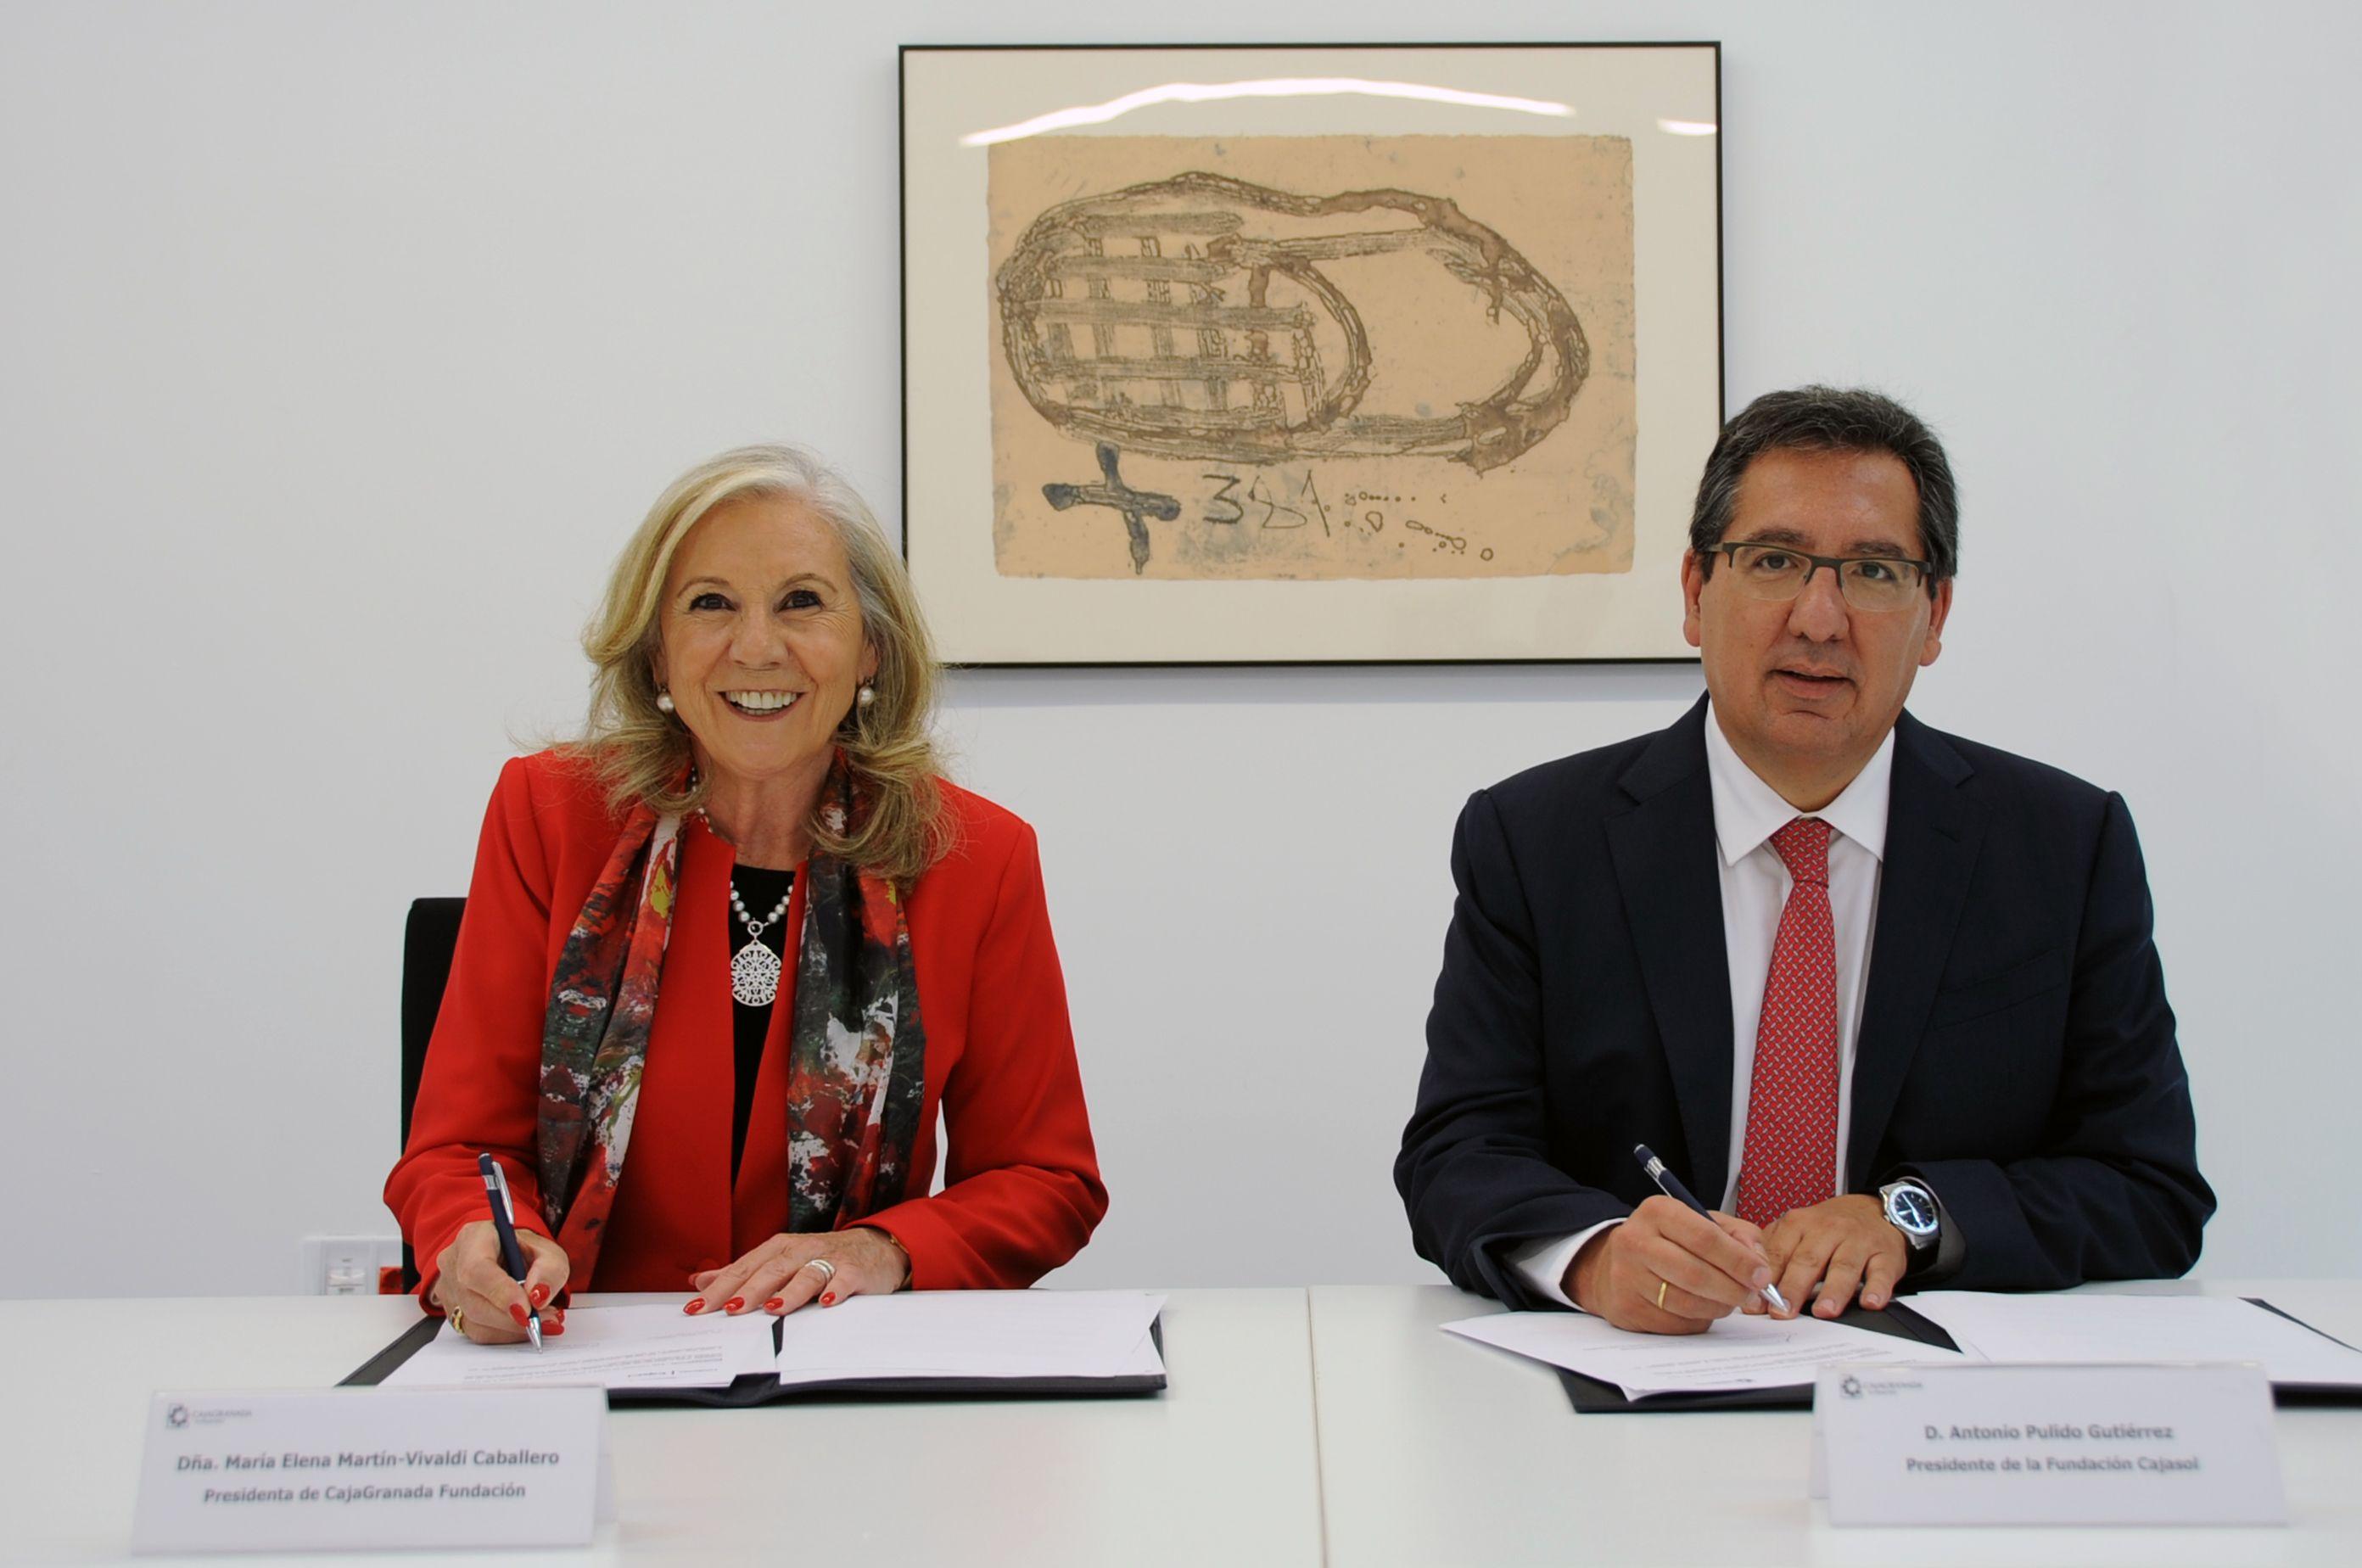 La presidenta de CajaGranada Fundación, María Elena Martín-Vivaldi, y el presidente de Cajasol, Antonio Pulido; han suscrito un acuerdo de colaboración para el patrocinio de actividades culturales, formativas y empresariales en el Centro Cultural Memoria de Andalucía.